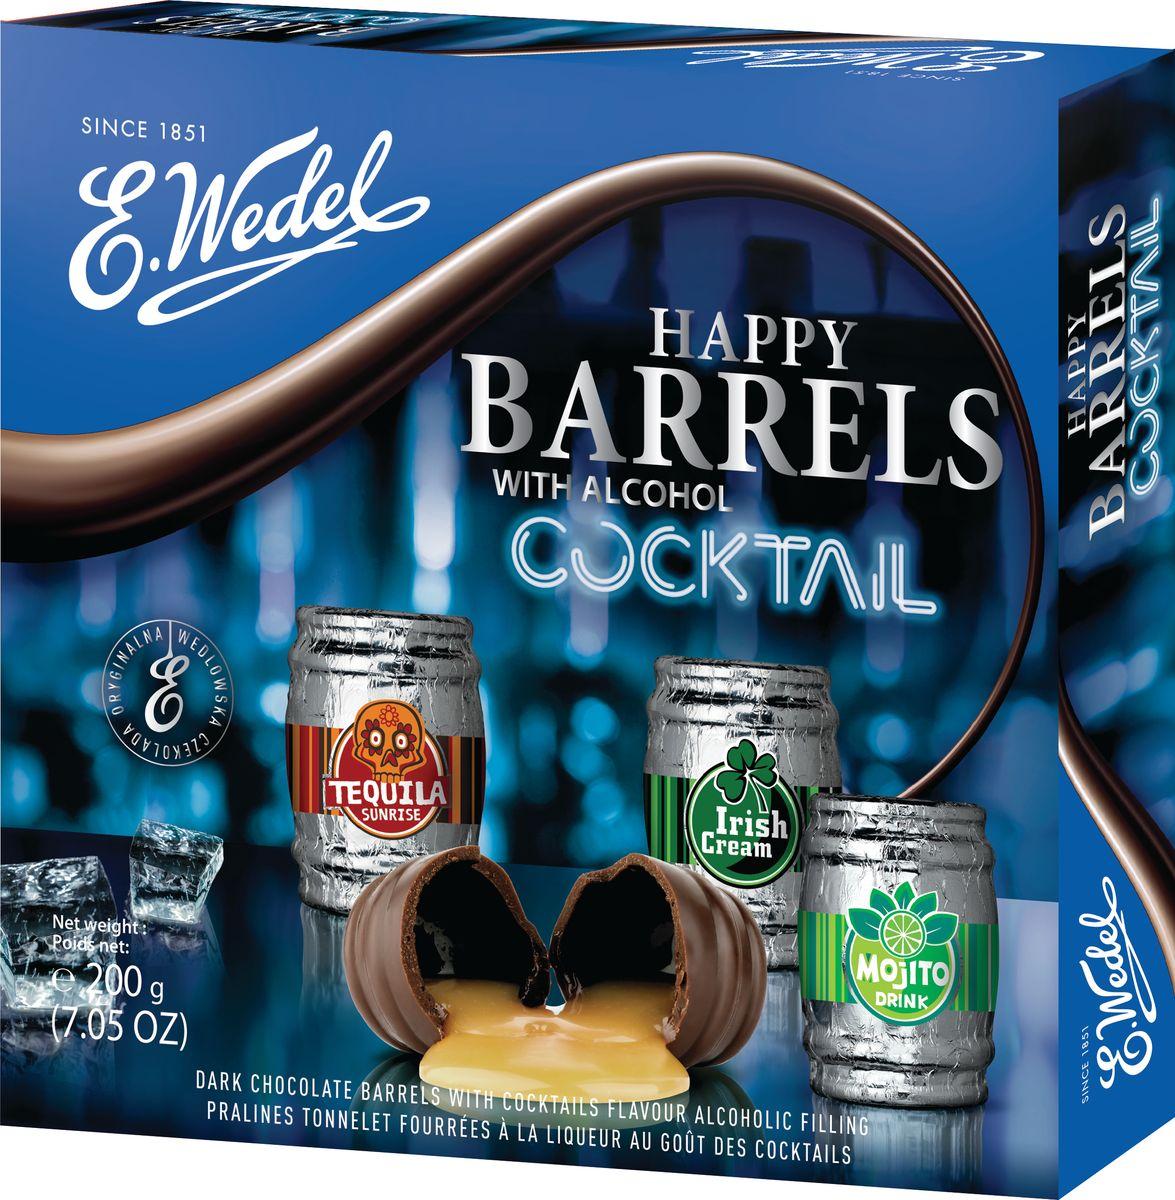 E.Wedel Happy Barrels With Alcohol ассорти шоколадных конфет с коктейльными начинкой, 200 г7.22.27Шоколадные конфеты с алкогольной начинкой в виде бочонков.Тёмный шоколад с ликёром- Advocat ( яичный) , Сocao ( шоколадный), Chery (вишневый), Au lait -Темный шоколад с алкогольной начинкой Коктейли-.Mojito, Tequila Sunrise, Irish Cream